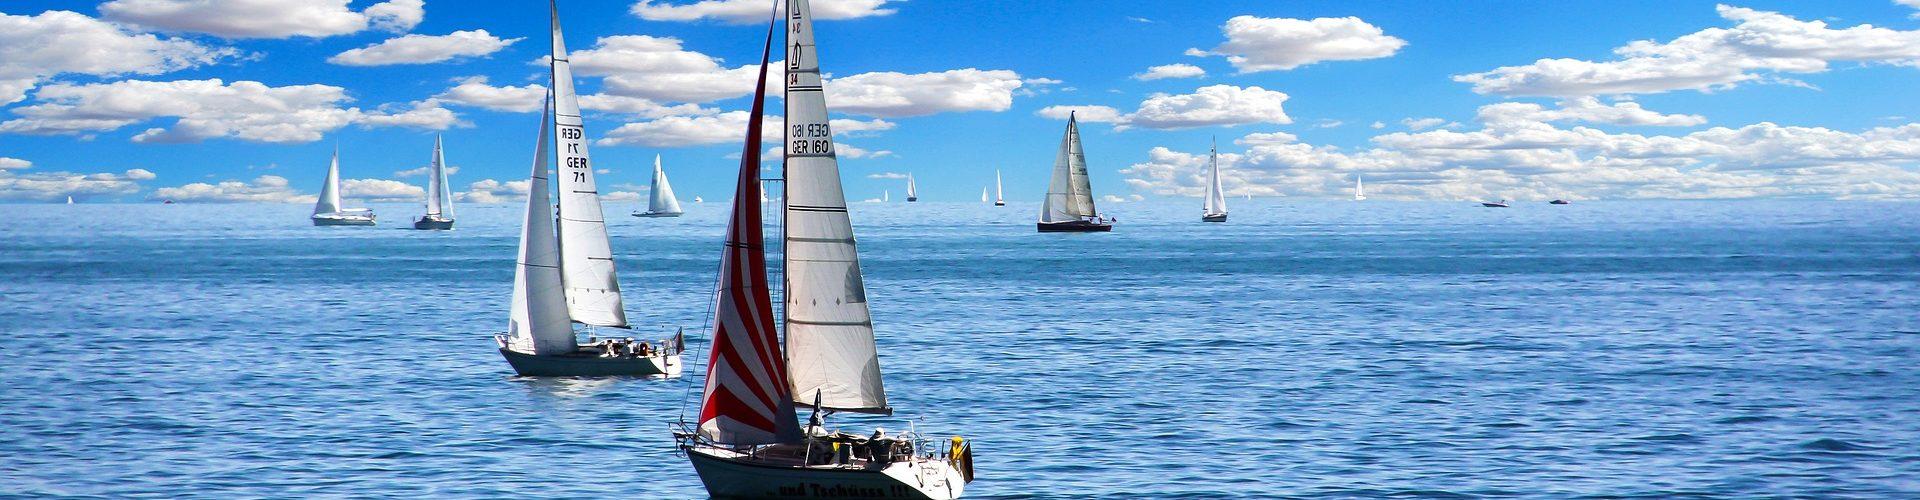 segeln lernen in Ummanz segelschein machen in Ummanz 1920x500 - Segeln lernen in Ummanz